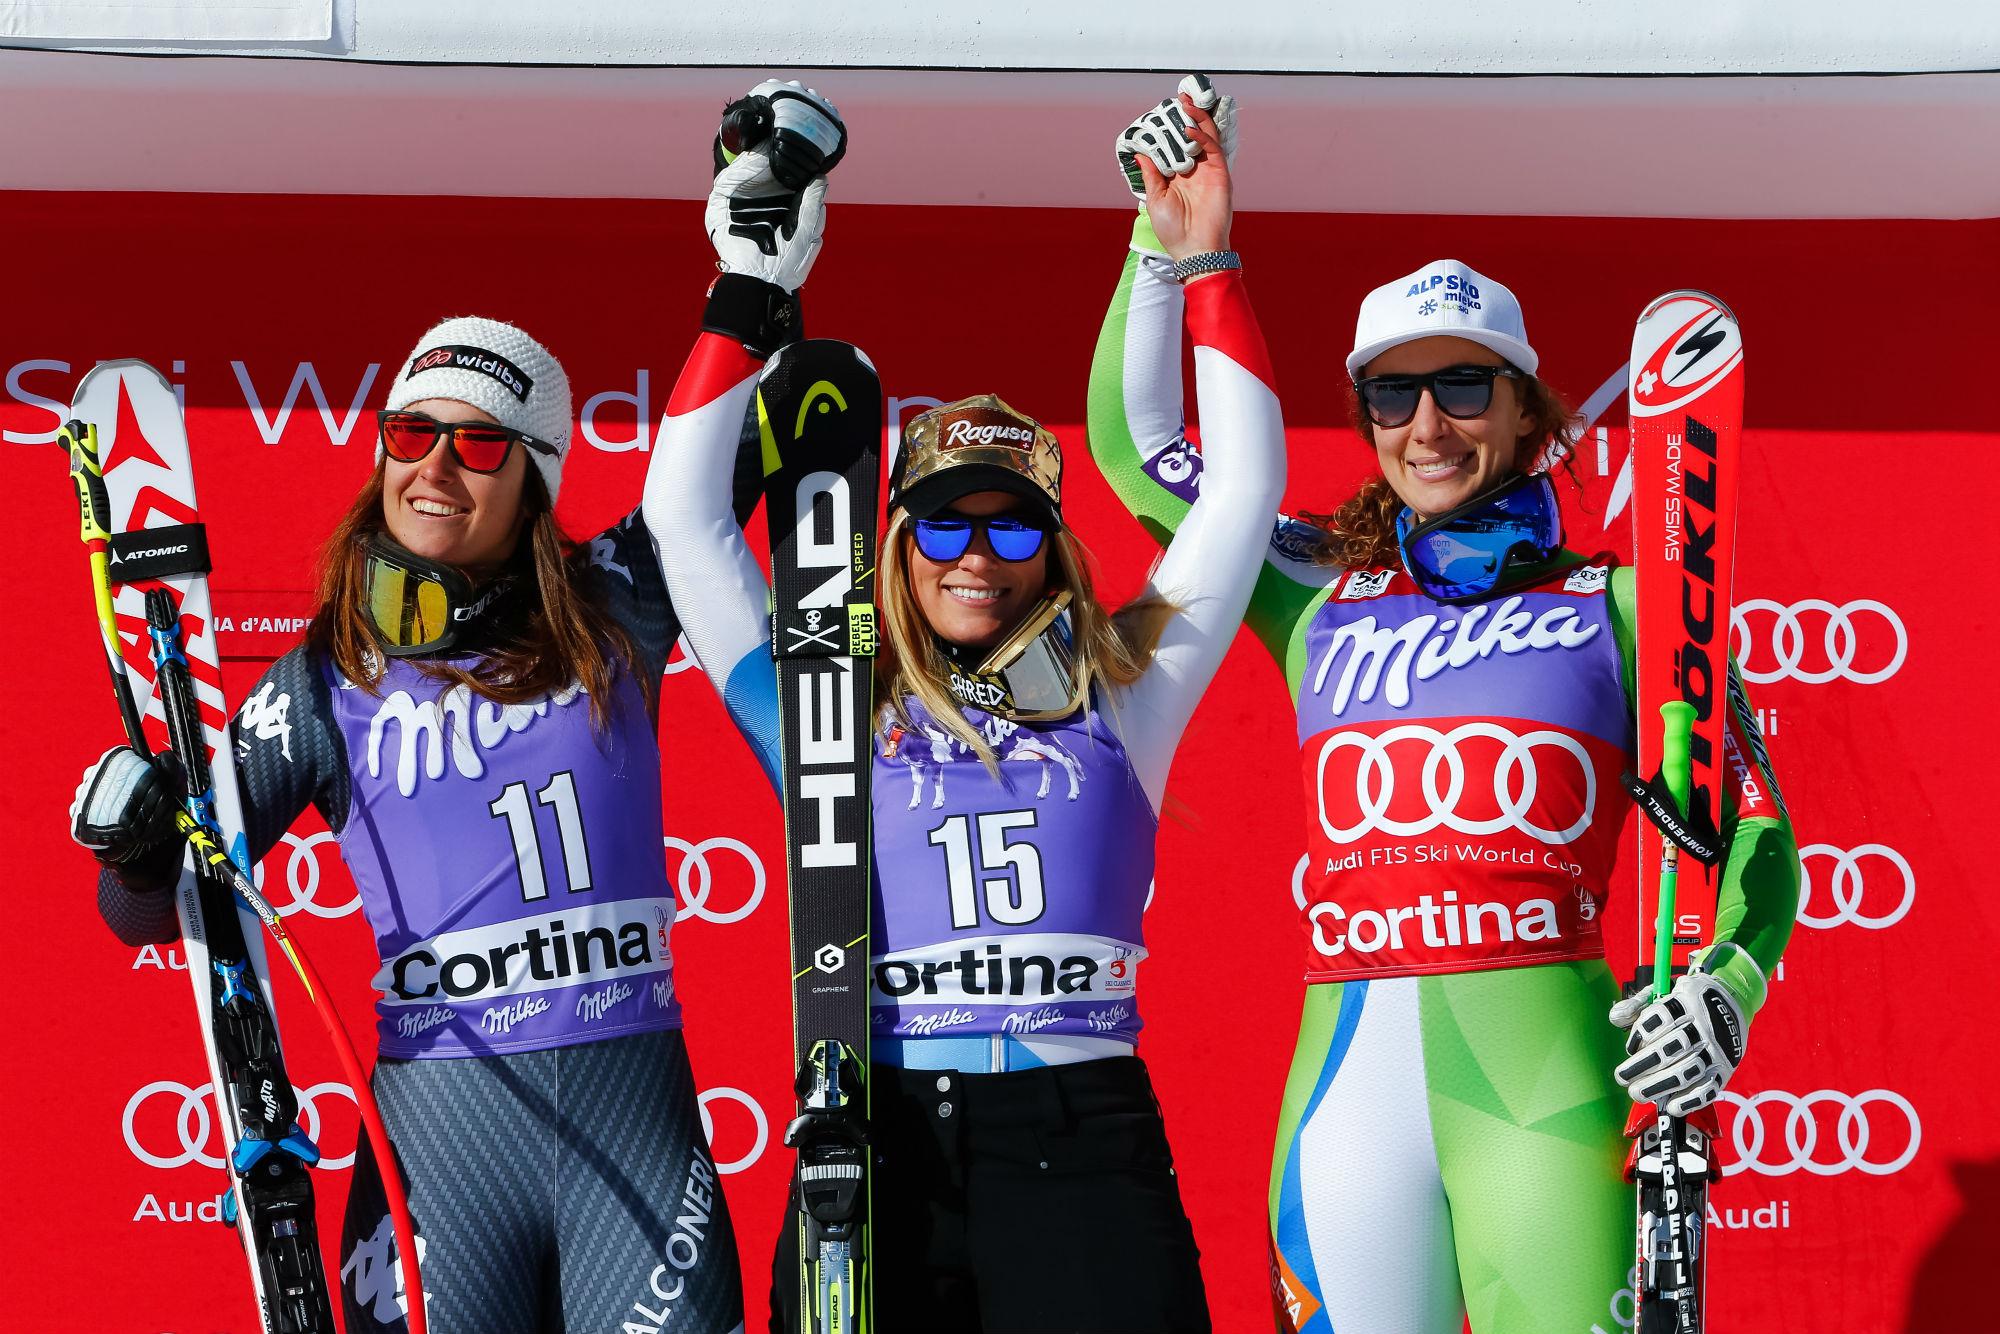 Sofia Goggia, Lara Gut e Ilka Stuhec sul podio in discesa a Cortina (@Zoom agence)